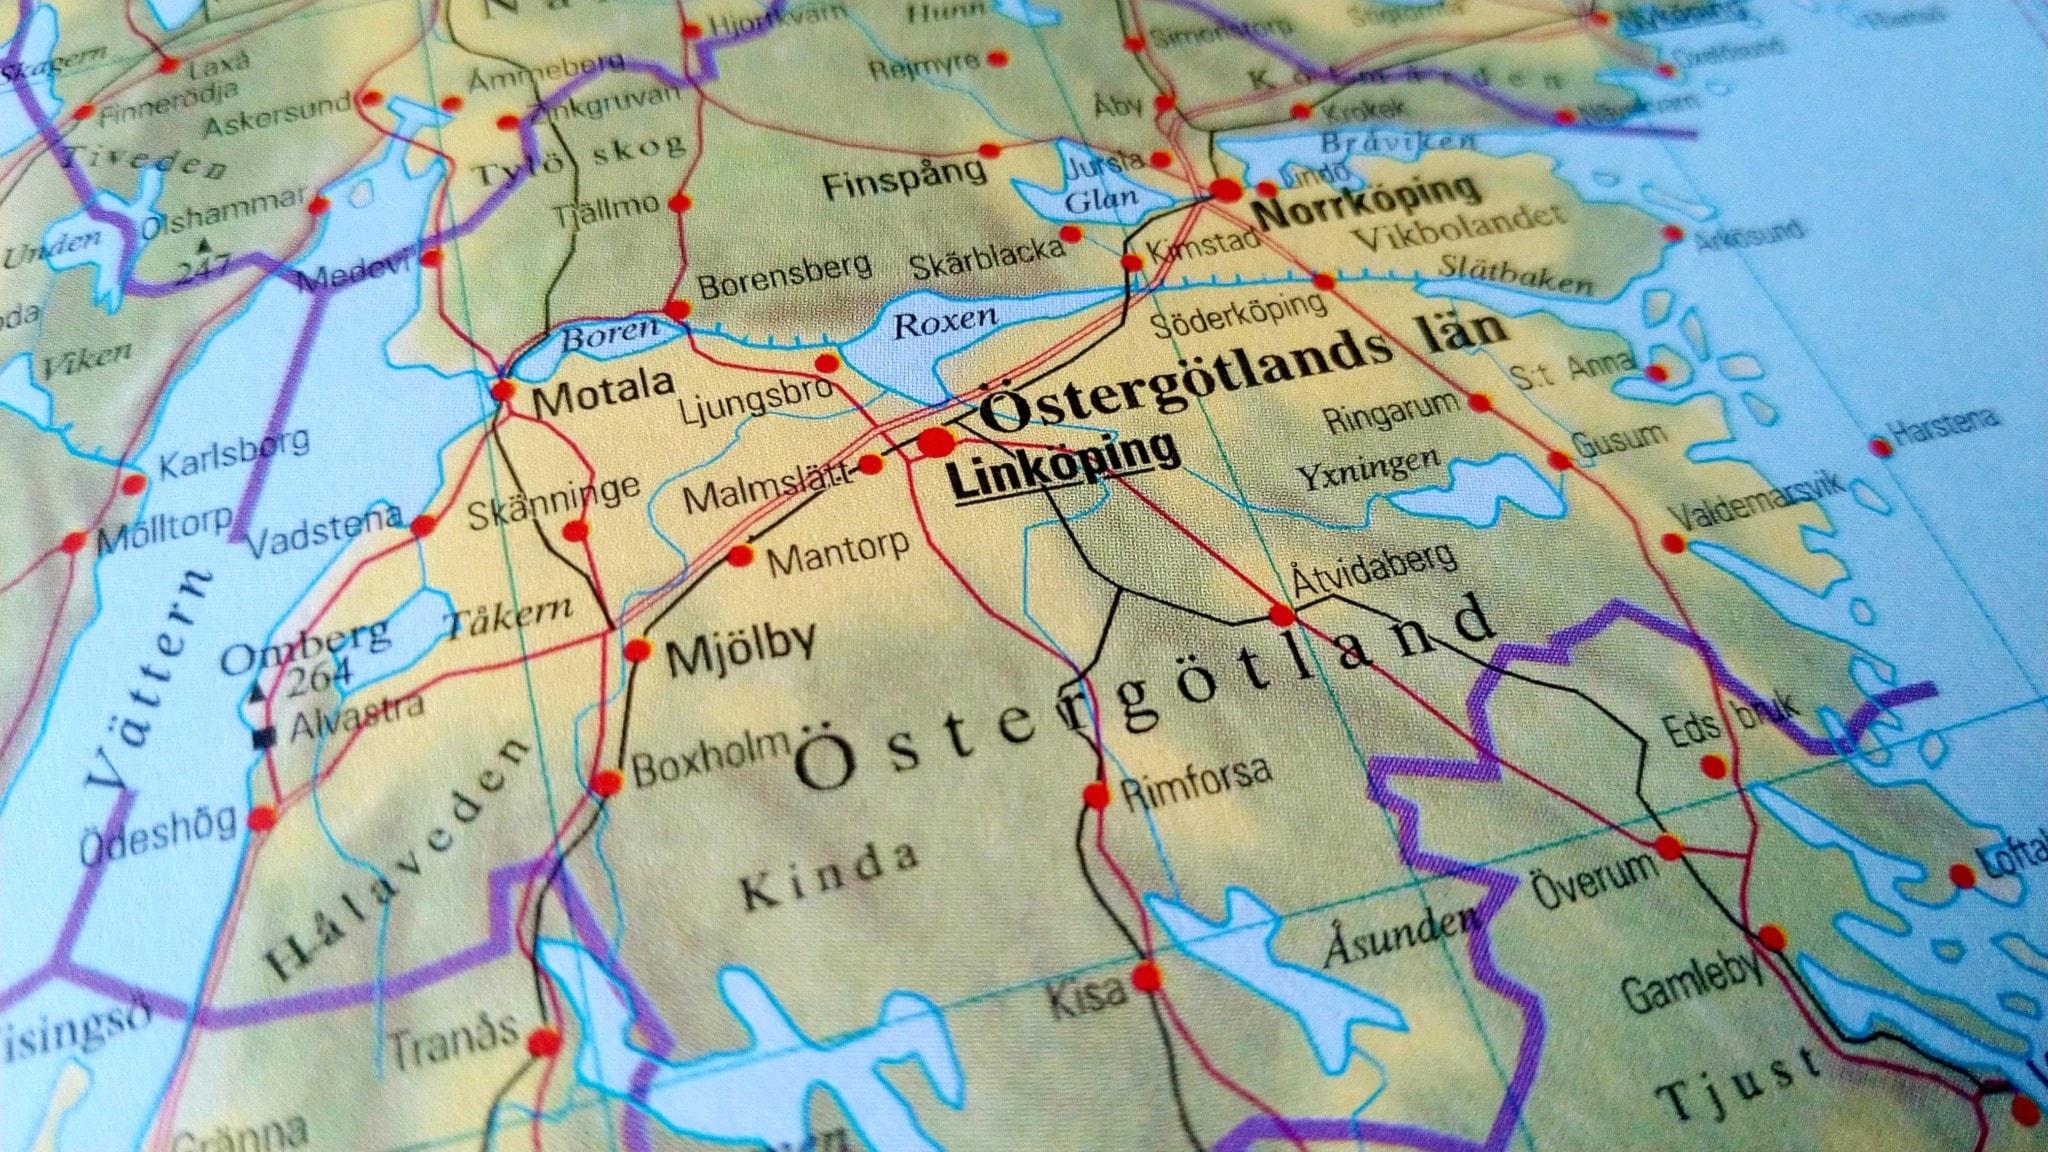 Bilden är en karta över Östergötland.